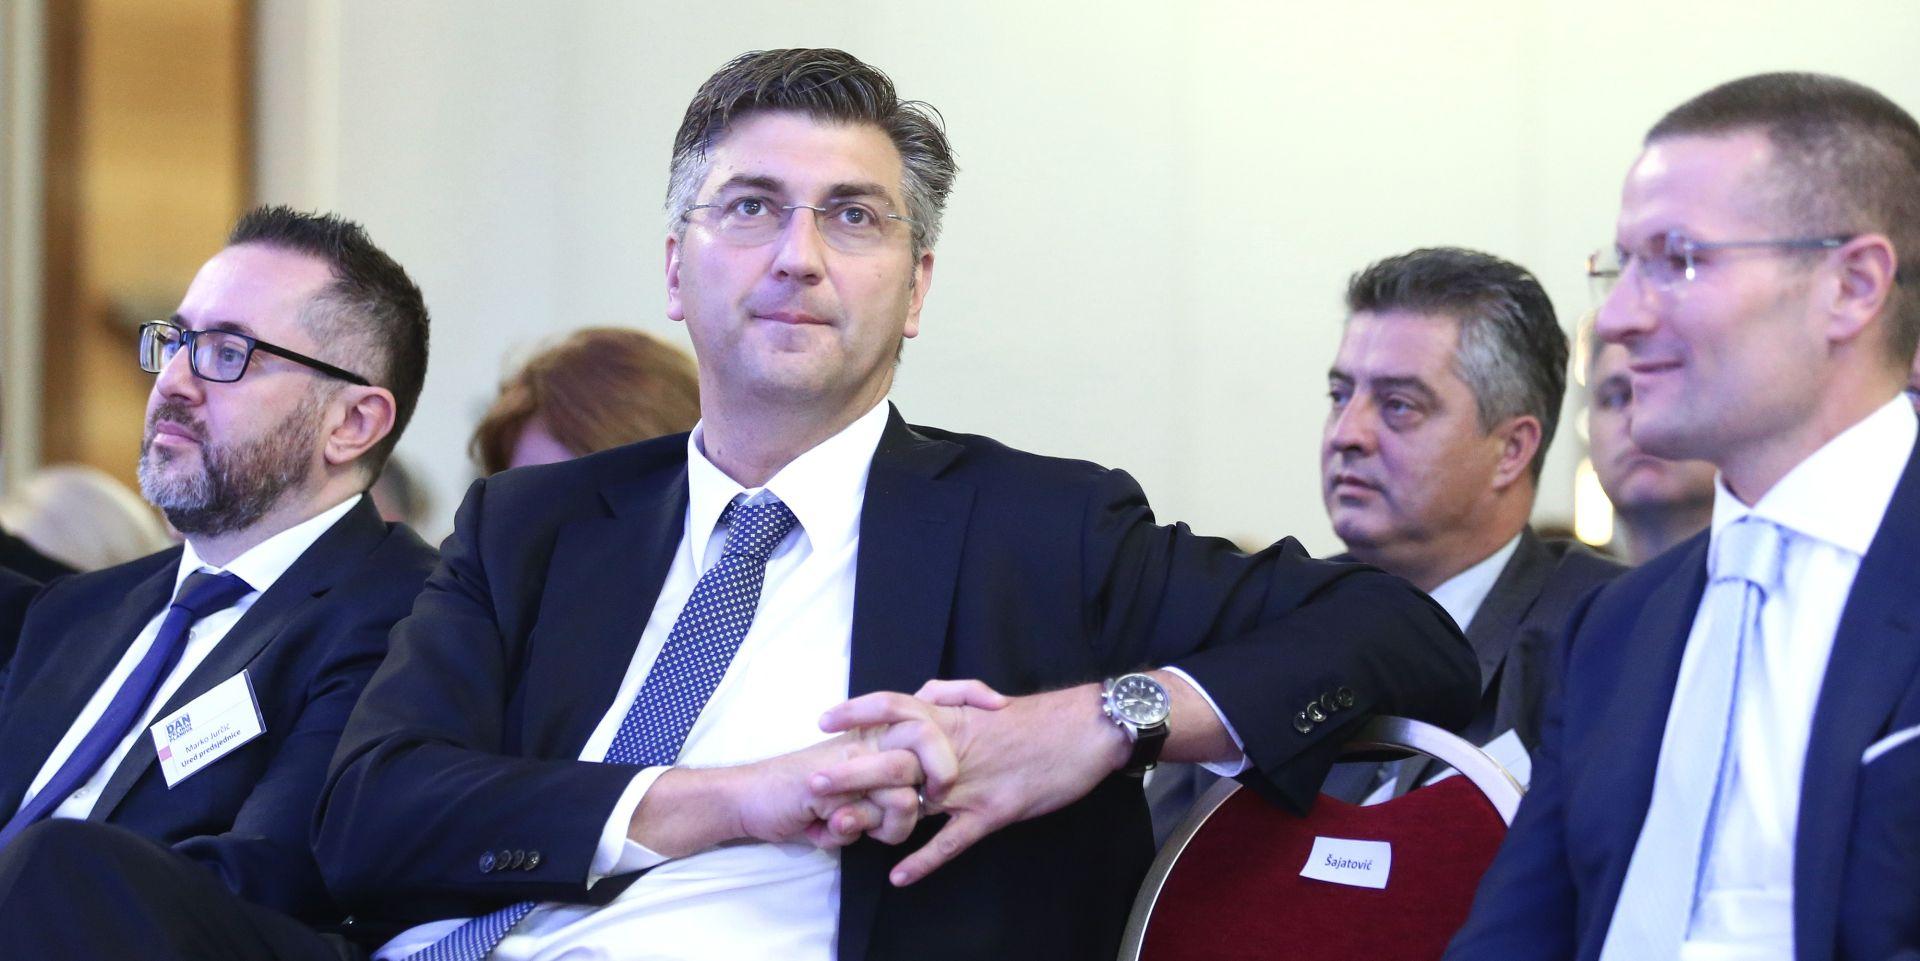 CRO DEMOSKOP HDZ i Andrej Plenković na vrhu političkih preferencija